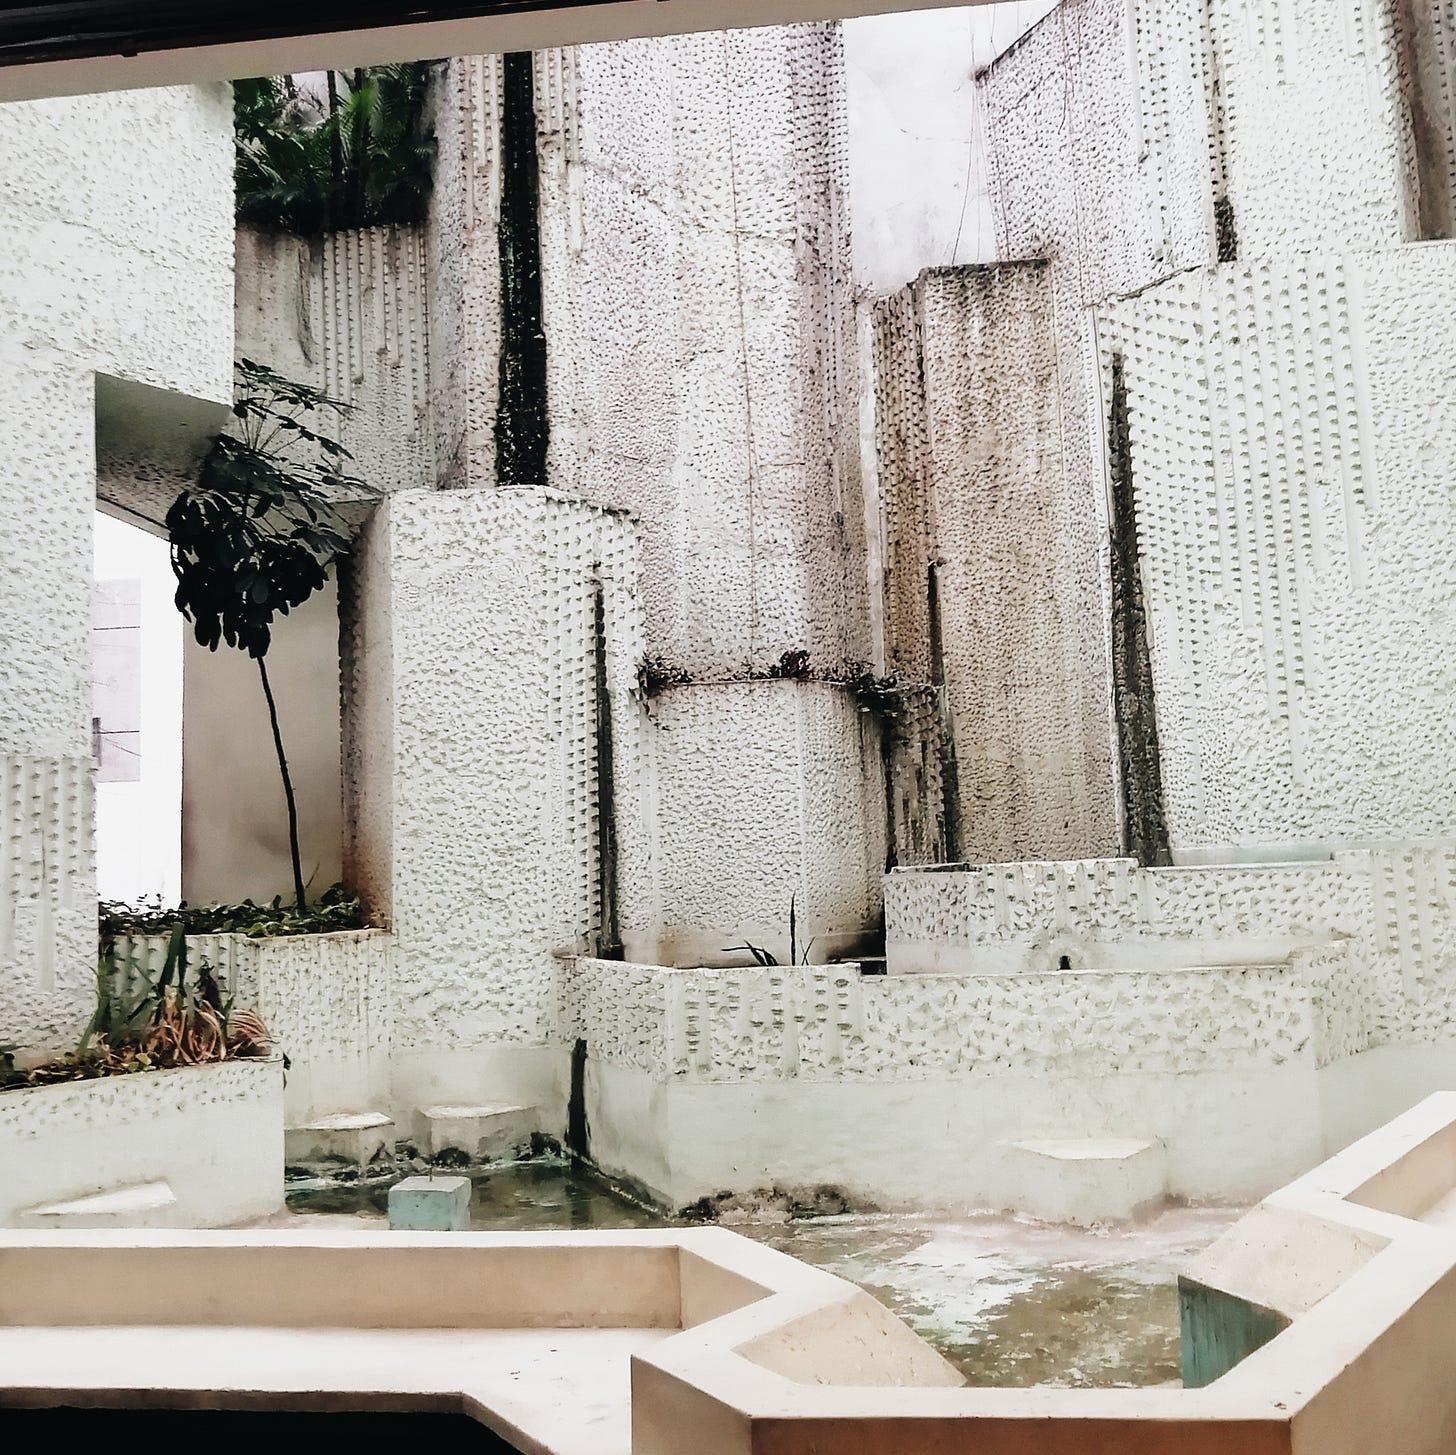 fonte abandonada num subsolo de galeria da Av Paulista. essa parte da cidade já teve mais moral.